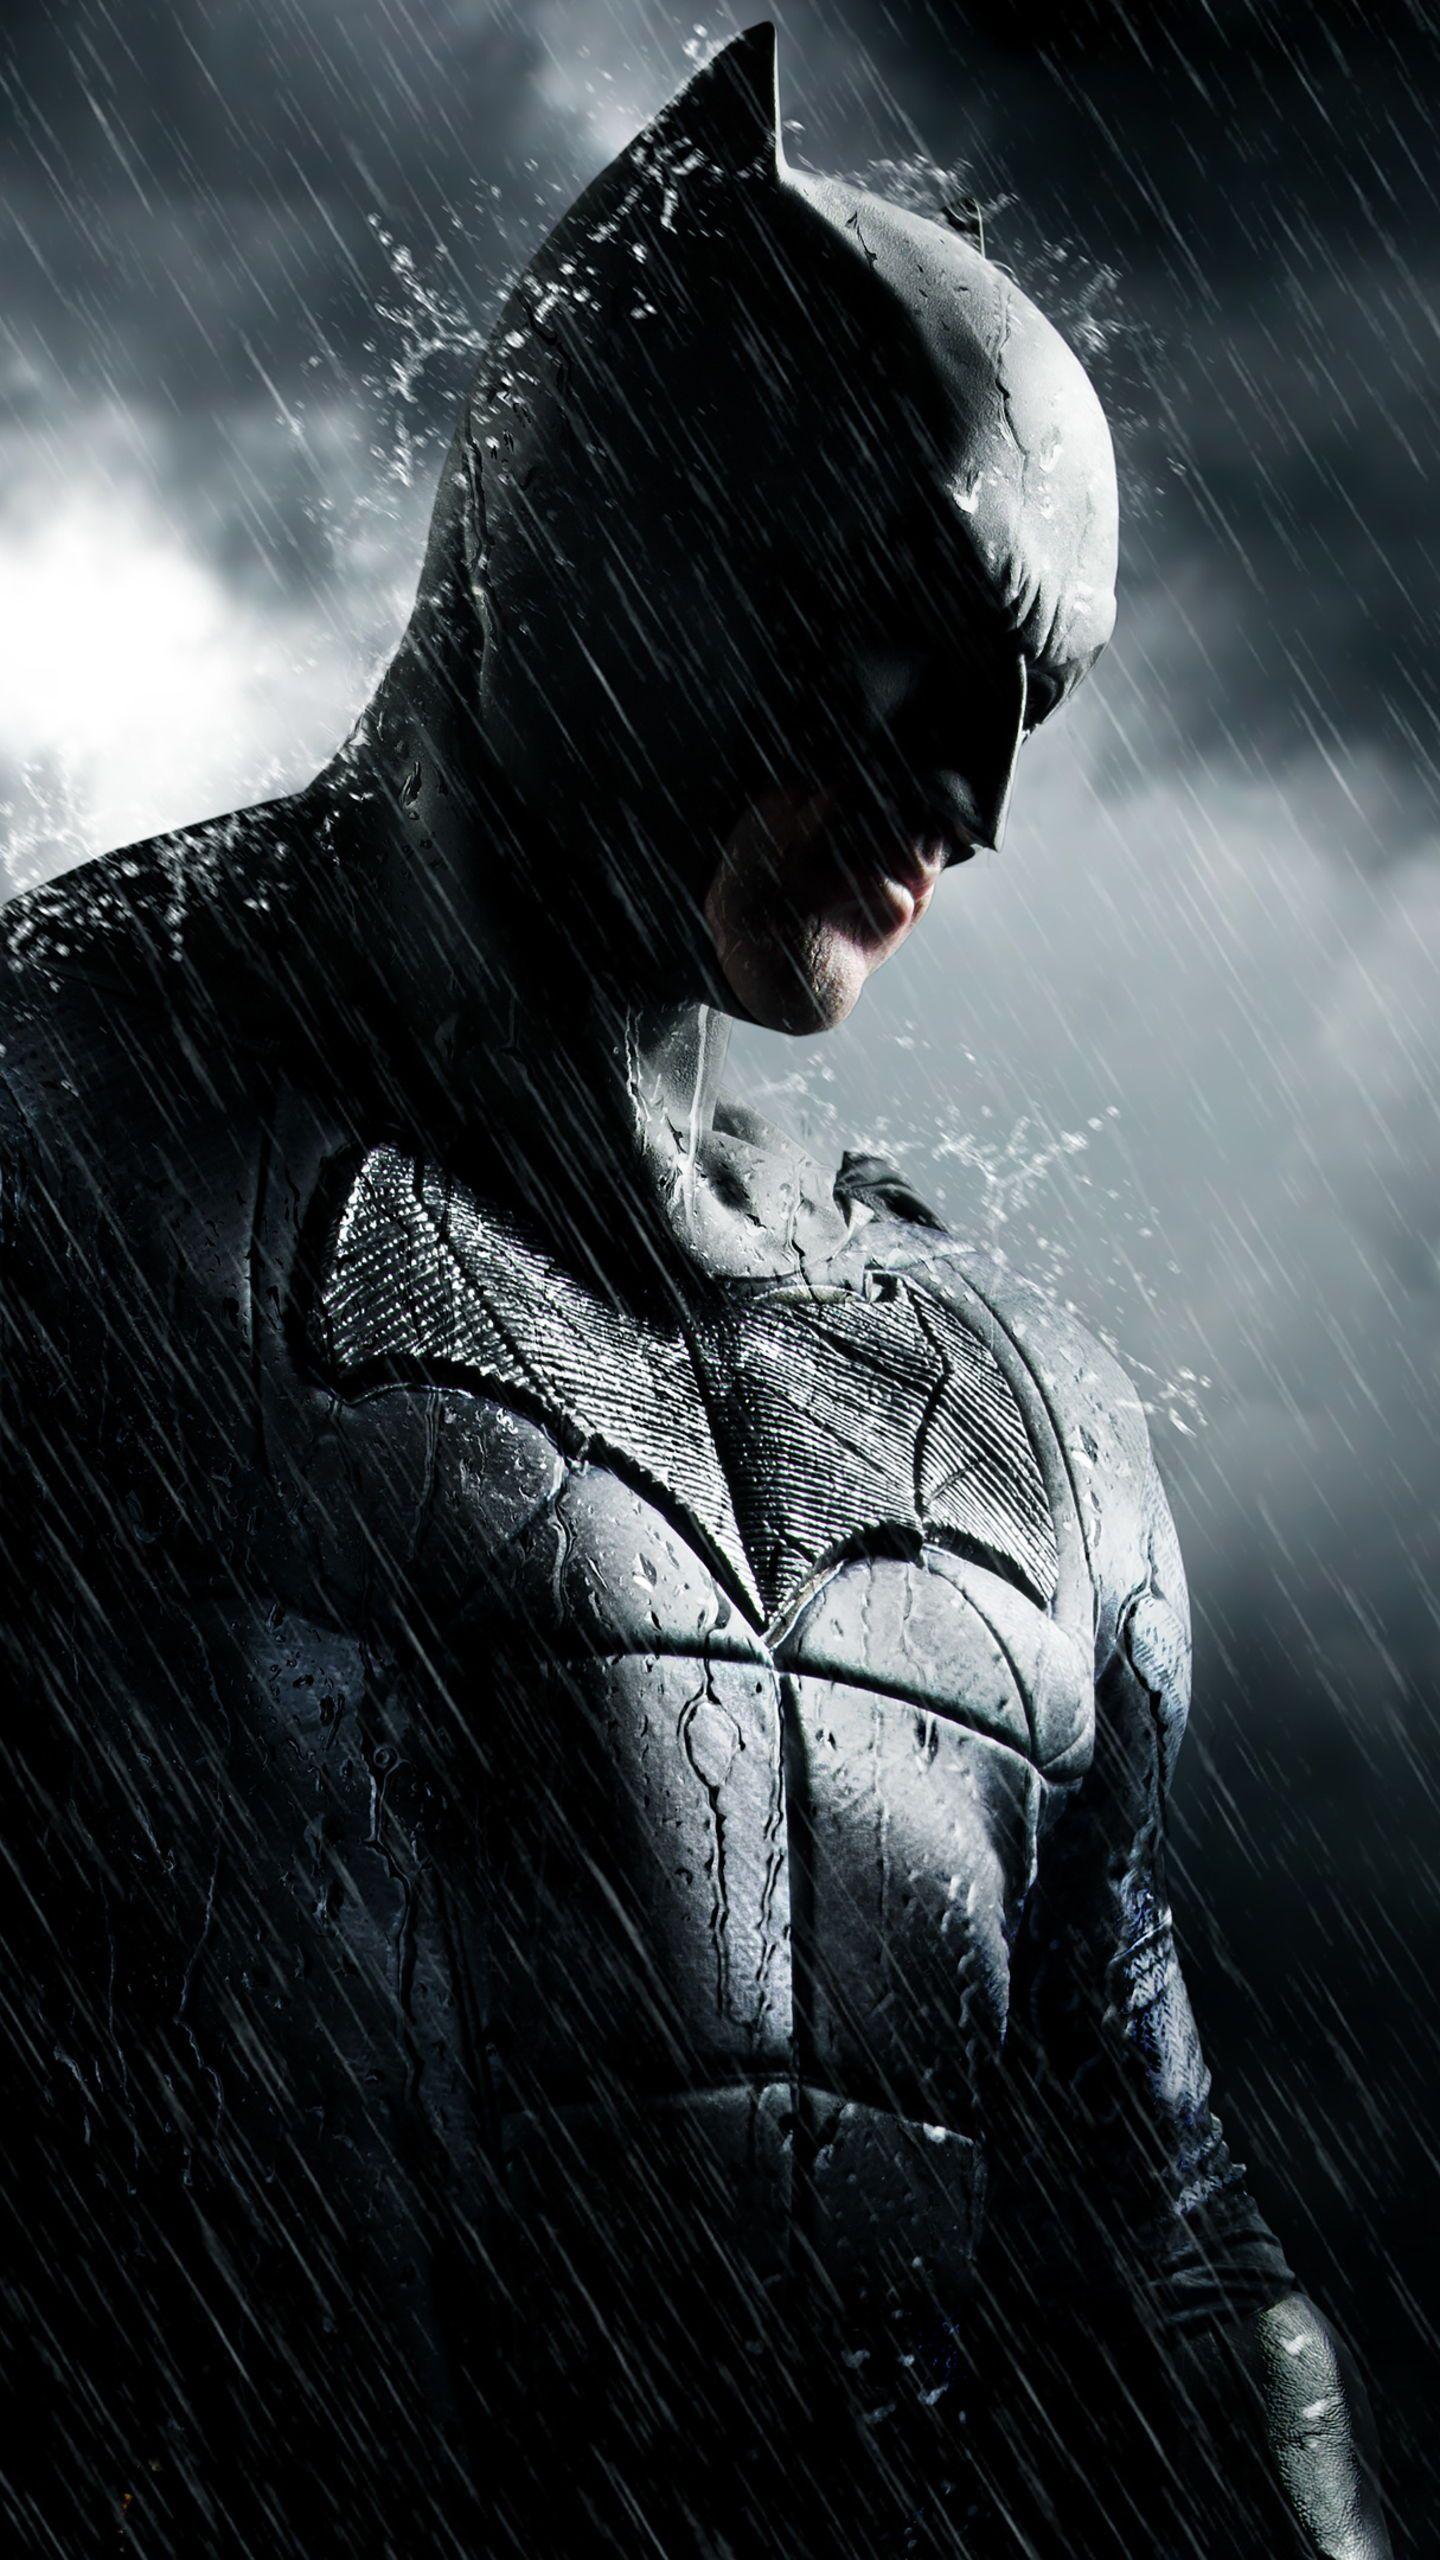 Dc Justiceleague Dccomics Dceu Batman Superman Aquaman